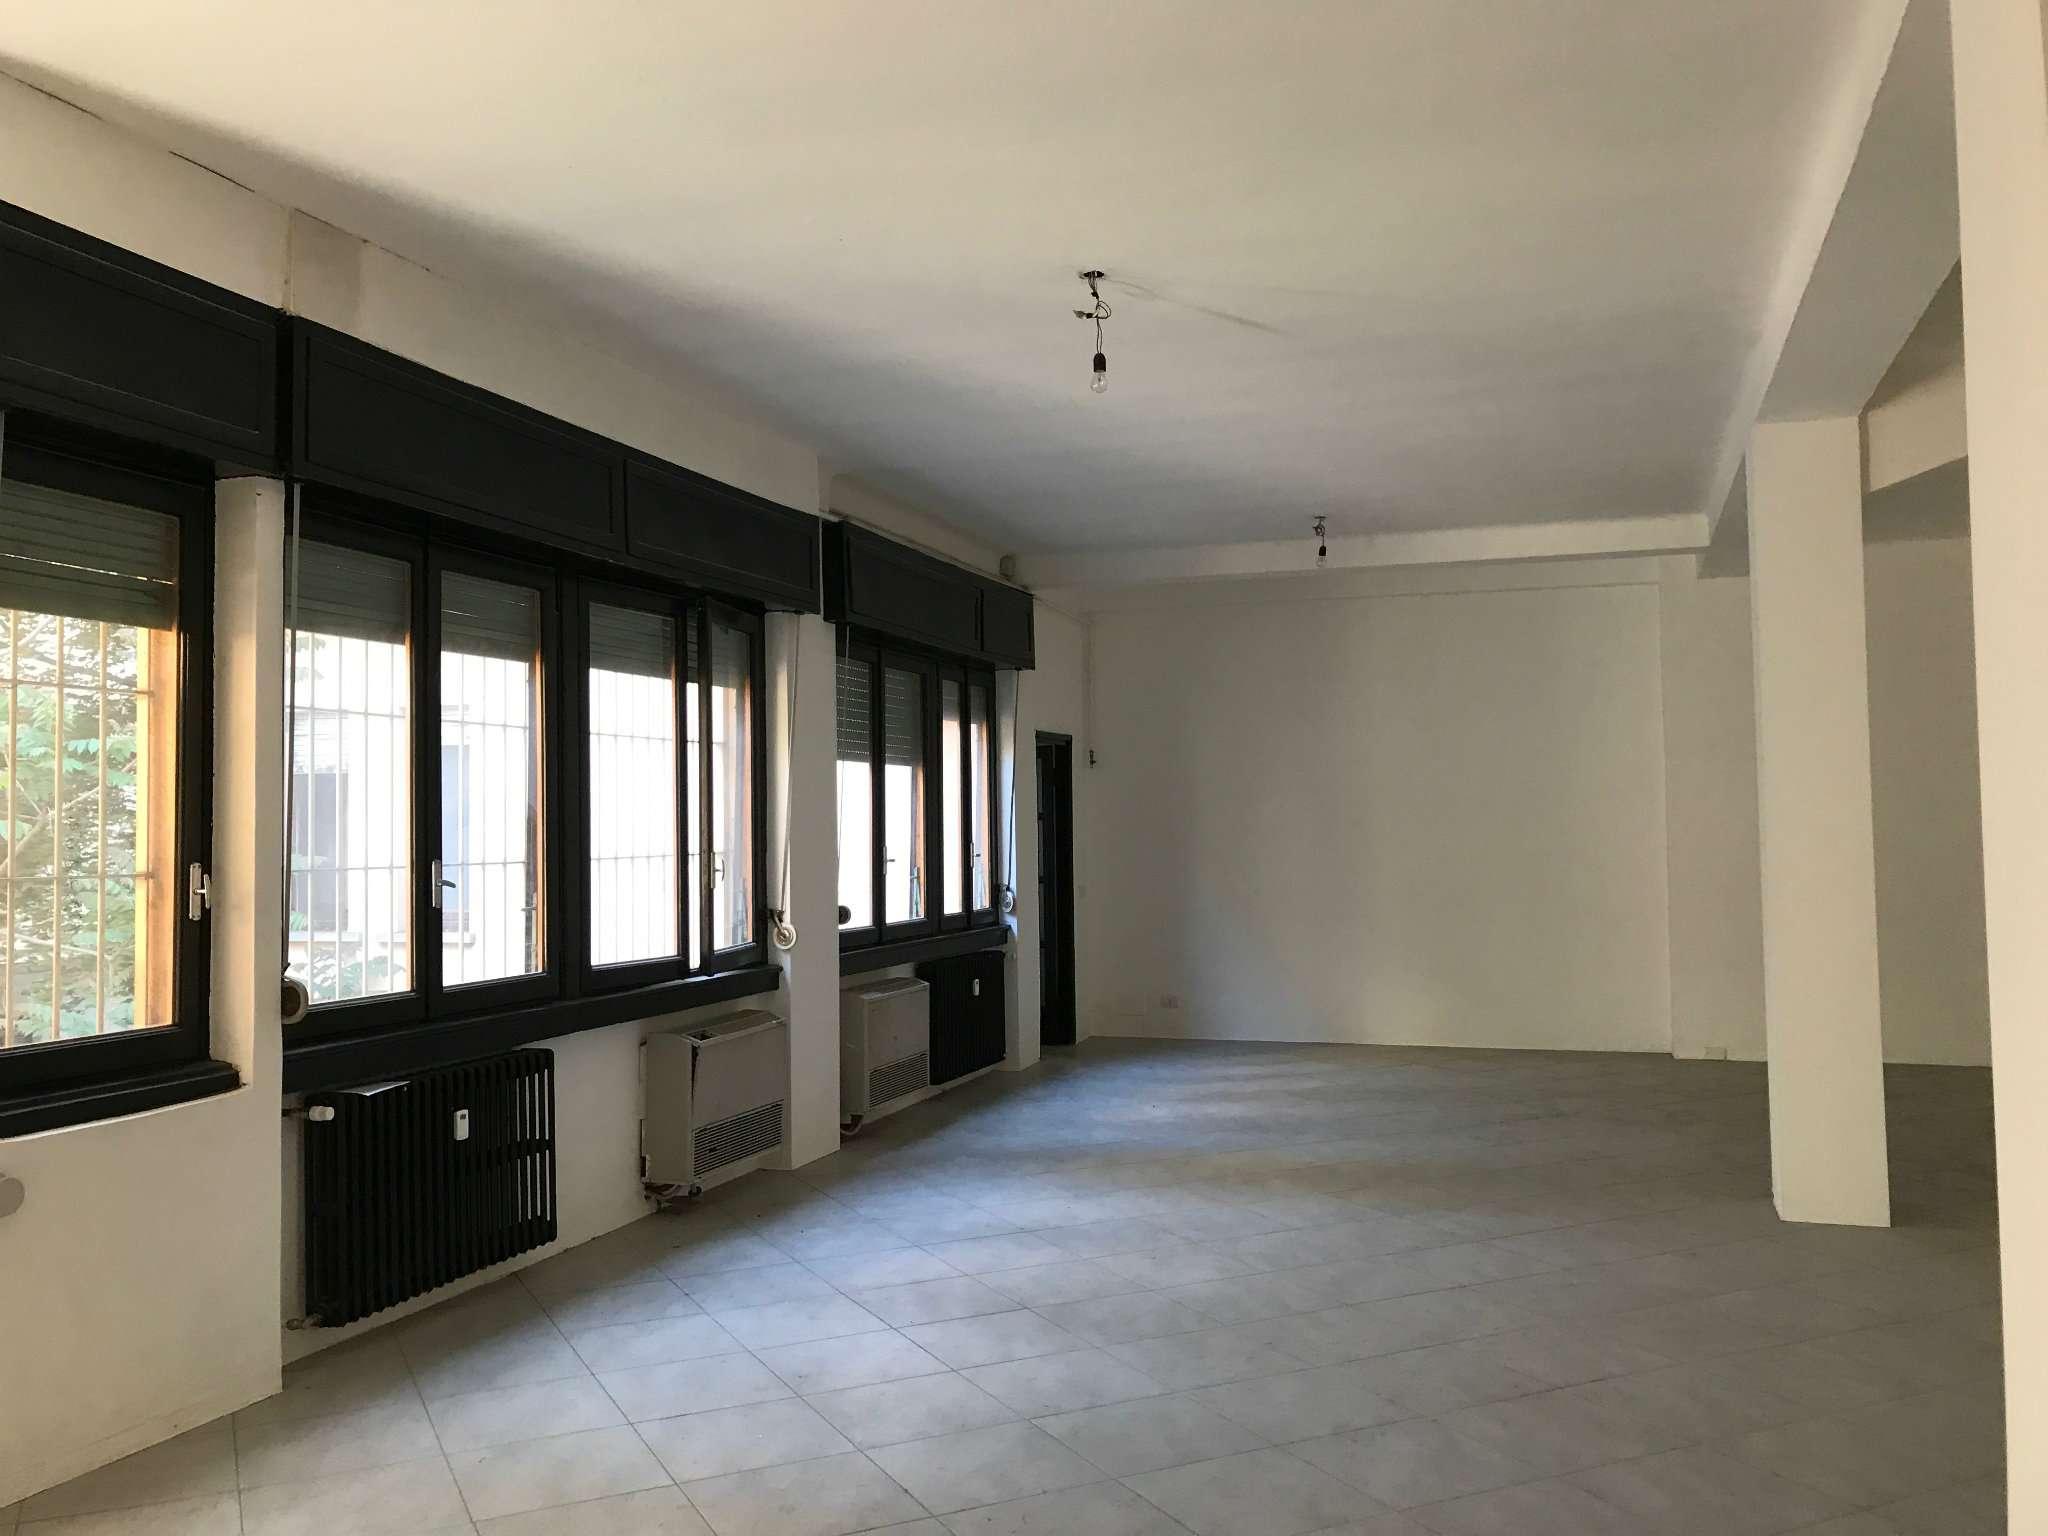 Loft / Openspace in affitto a Milano, 3 locali, zona Zona: 1 . Centro Storico, Duomo, Brera, Cadorna, Cattolica, prezzo € 1.500 | CambioCasa.it